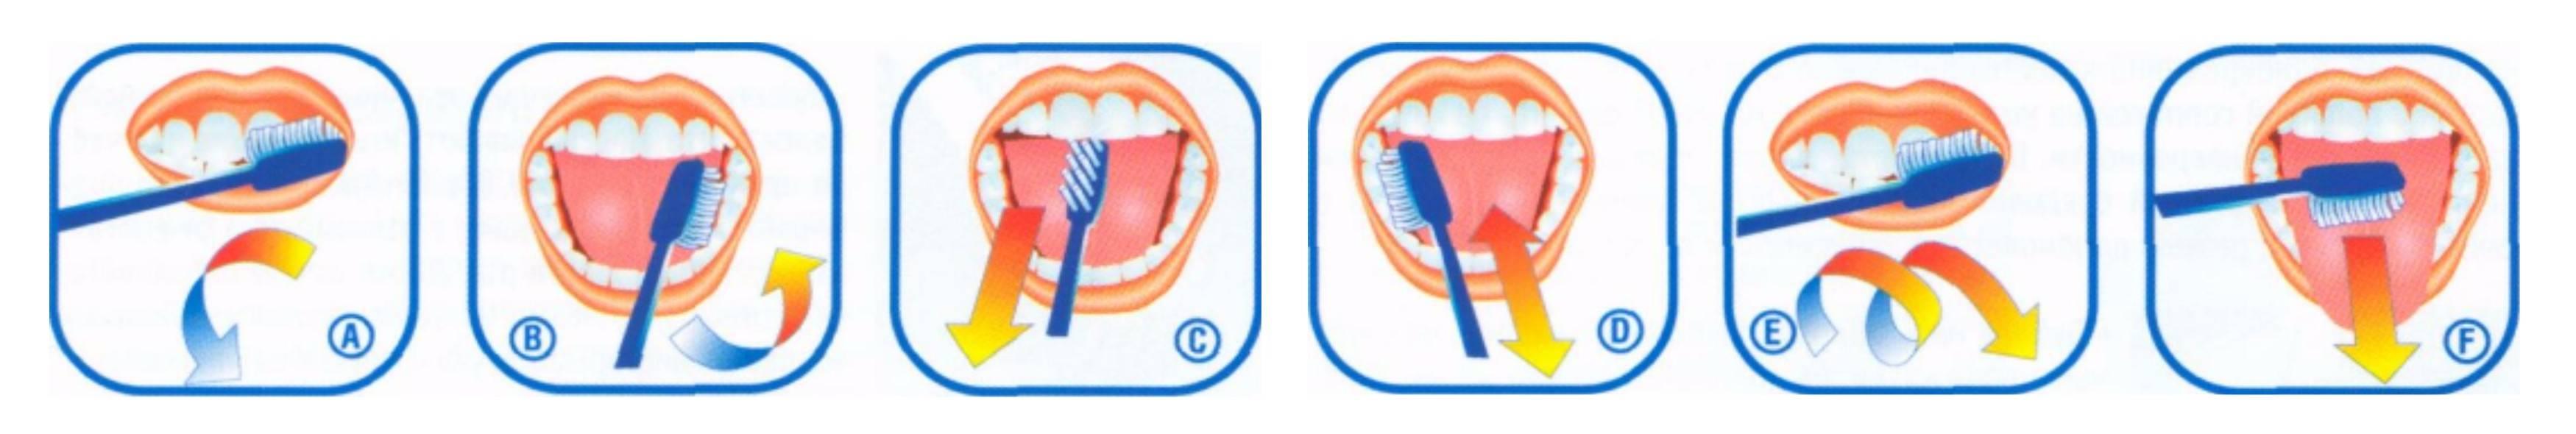 Когда стоит начинать чистить зубы ребенку?